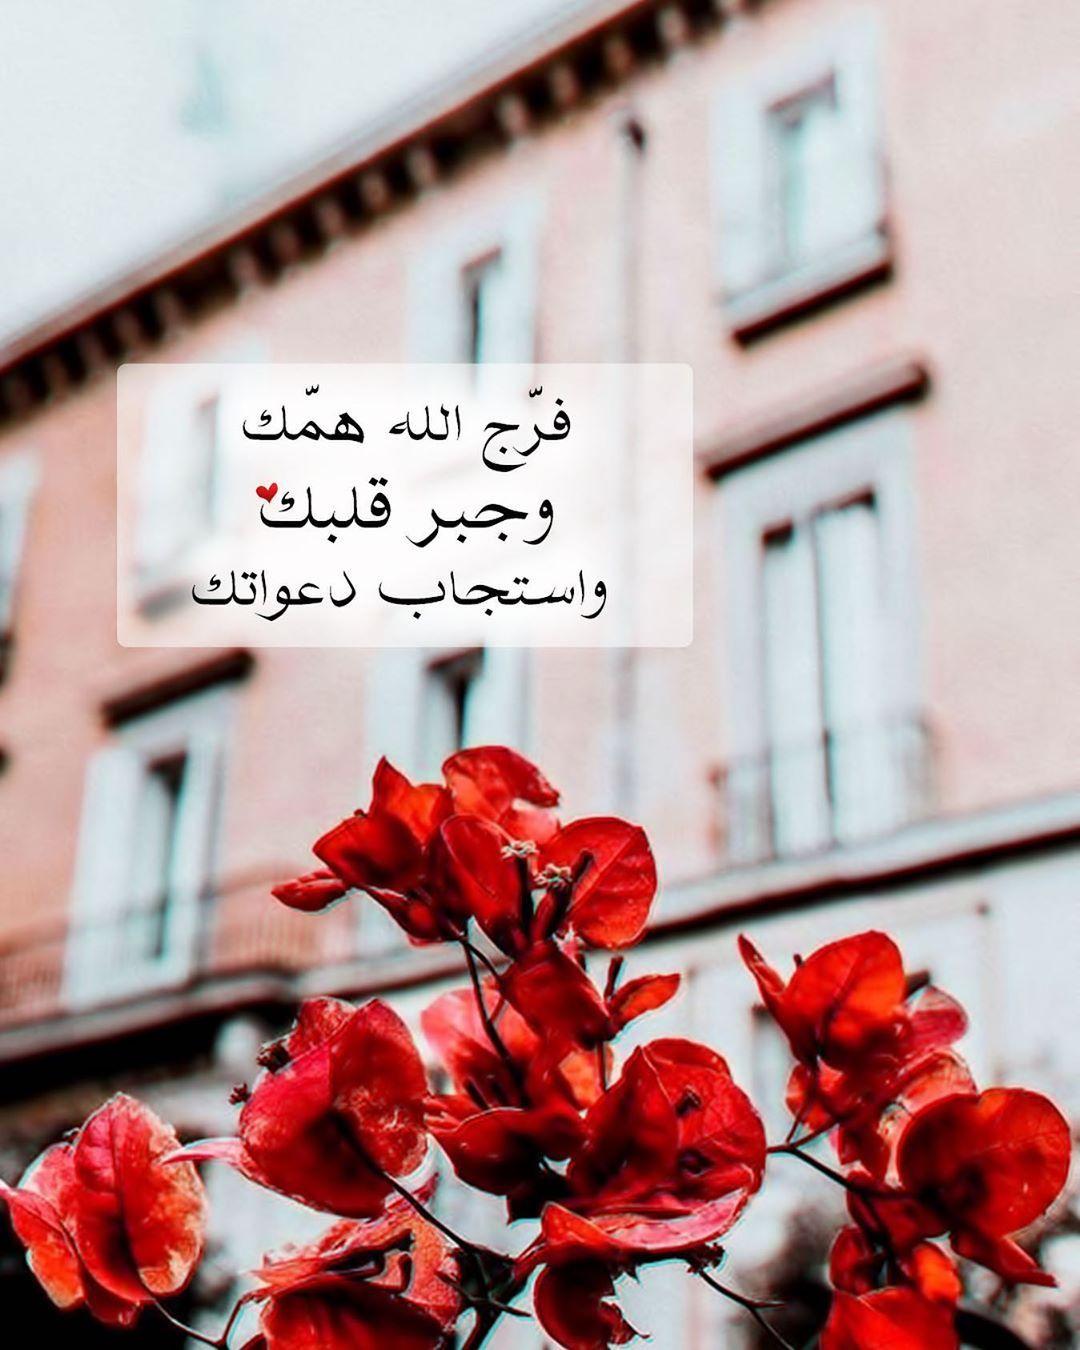 P E A R L A On Instagram لك ل من ي قرأ فر ج الله همك وج بر قلبك واست جاب دعواتك ㅤㅤ مساؤكم طم Birth Flowers Friday Messages Islamic Quotes Quran